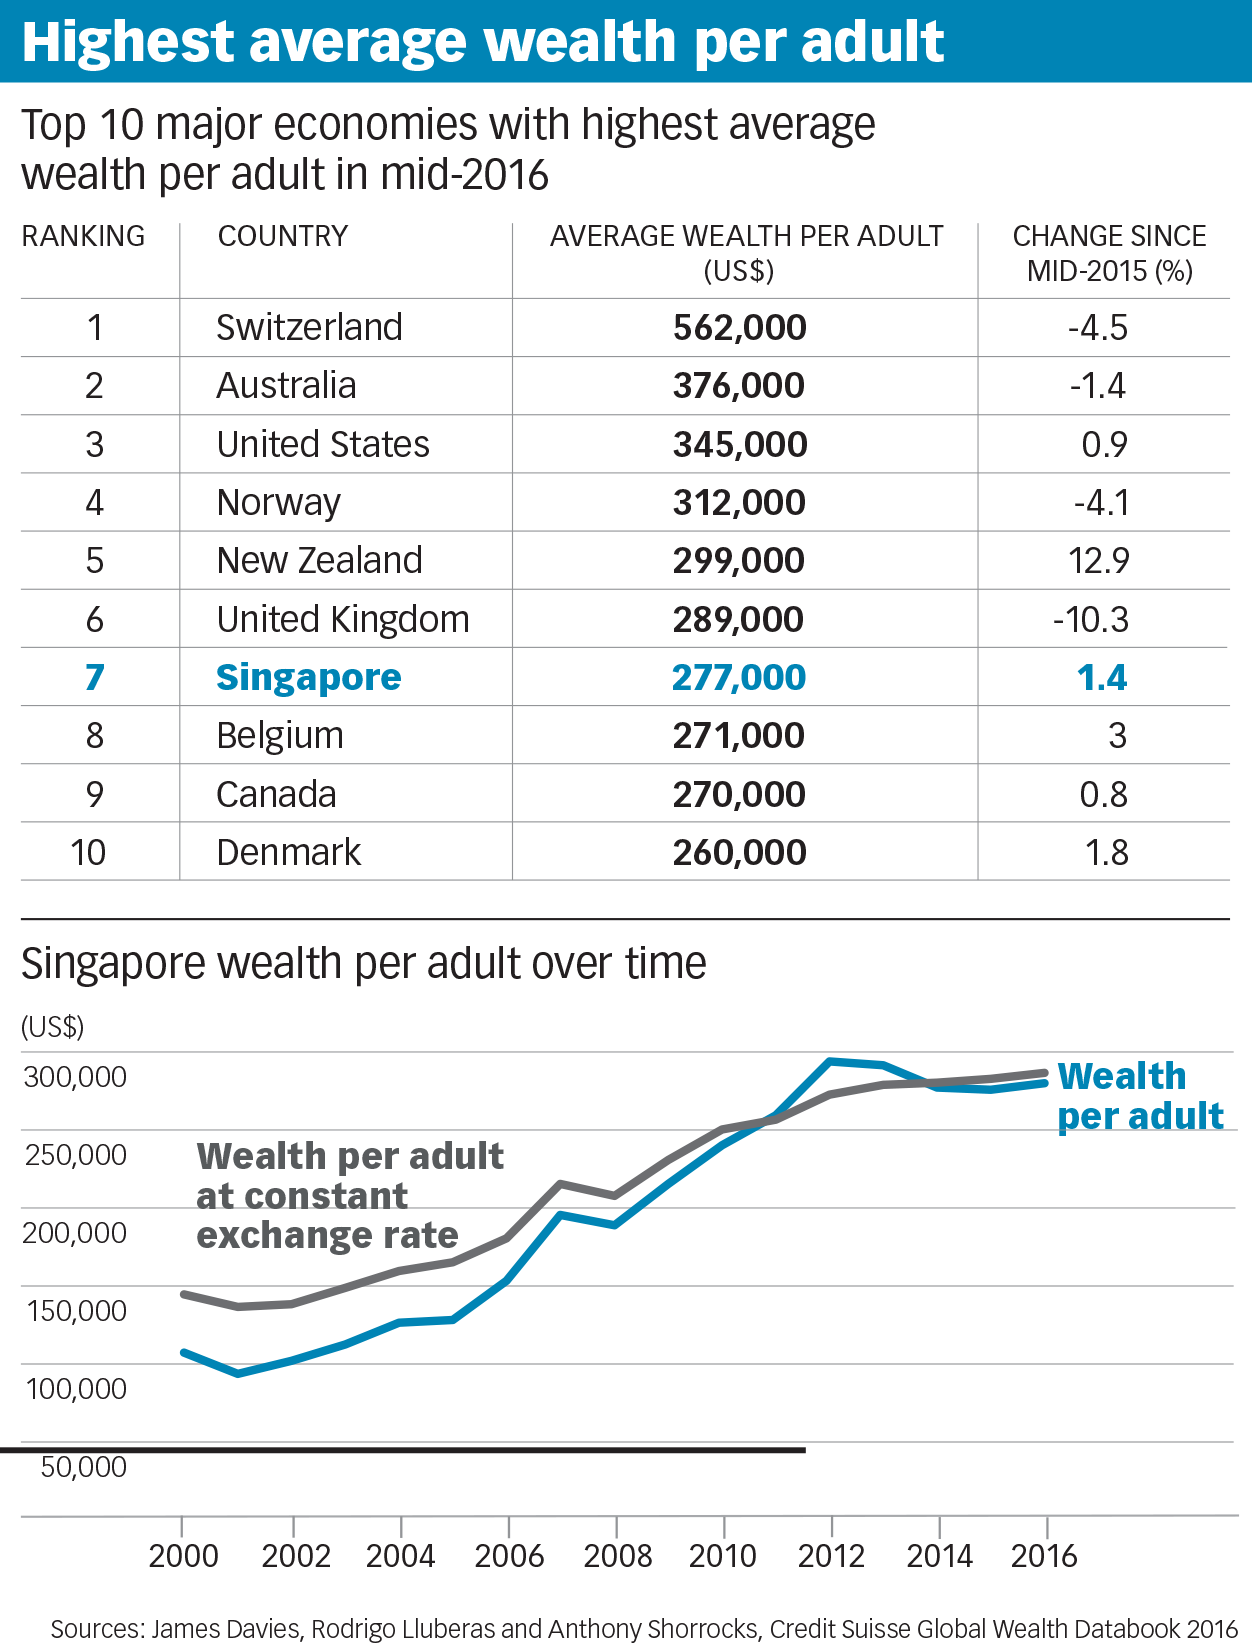 Highest Average Wealth Per Adult